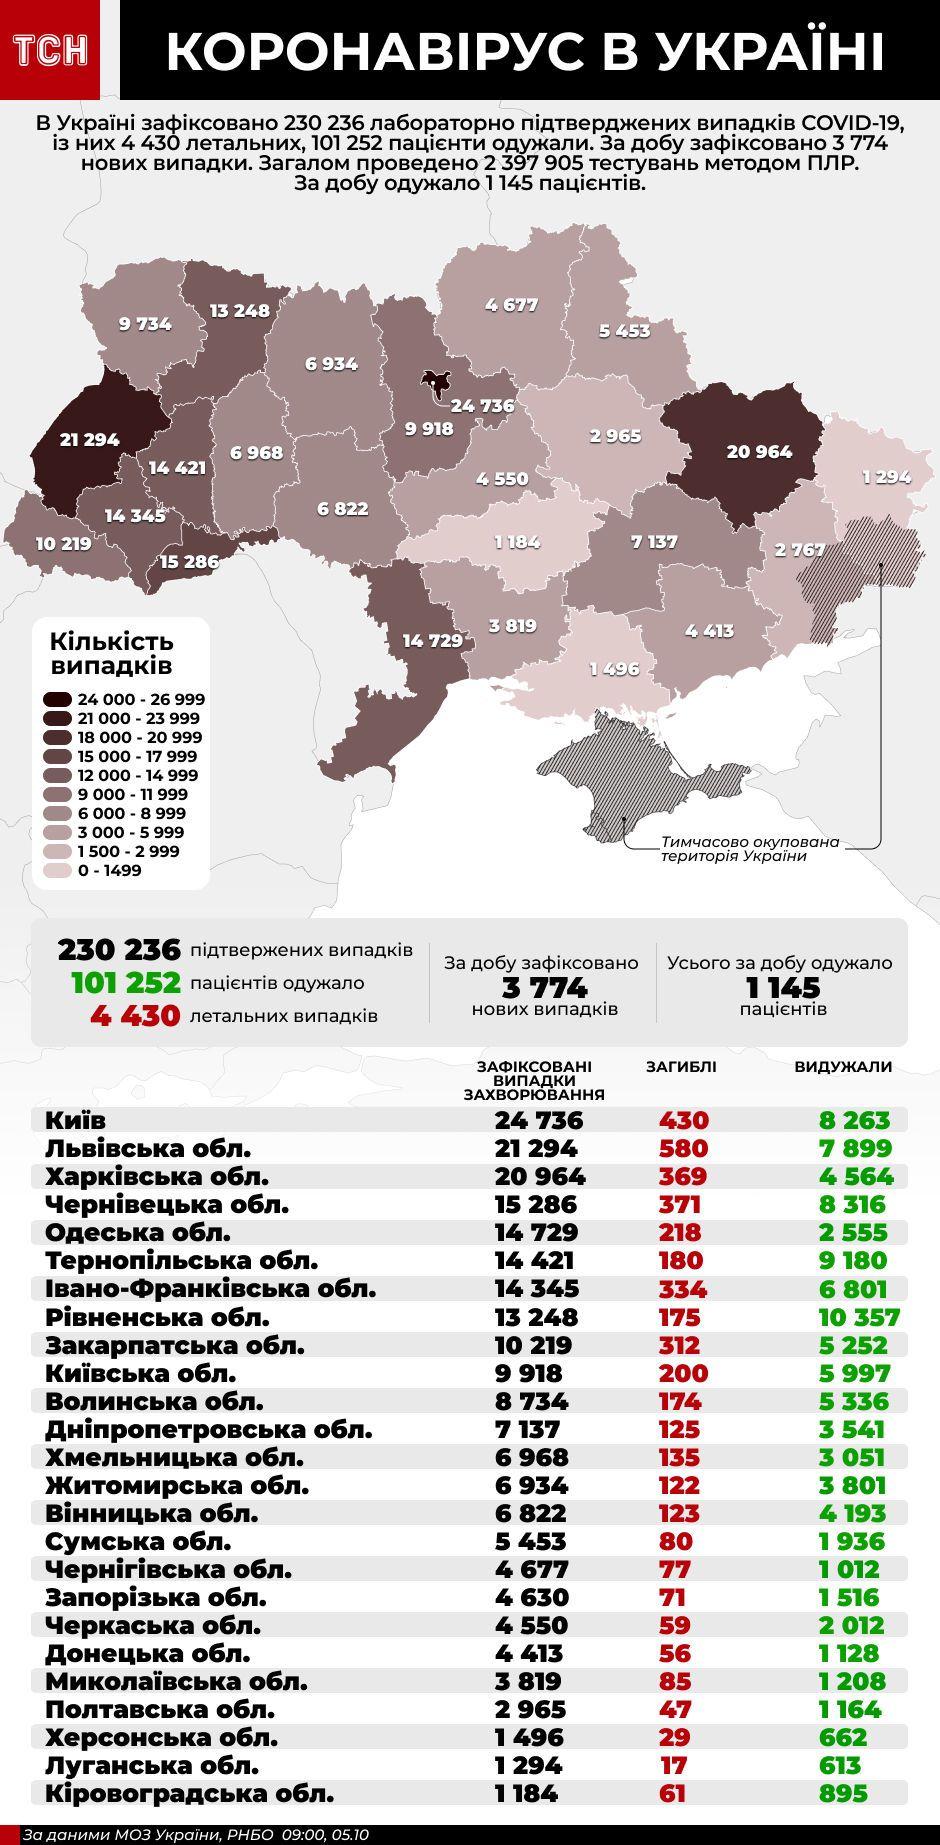 коронавірус інфографіка 5 жовтня